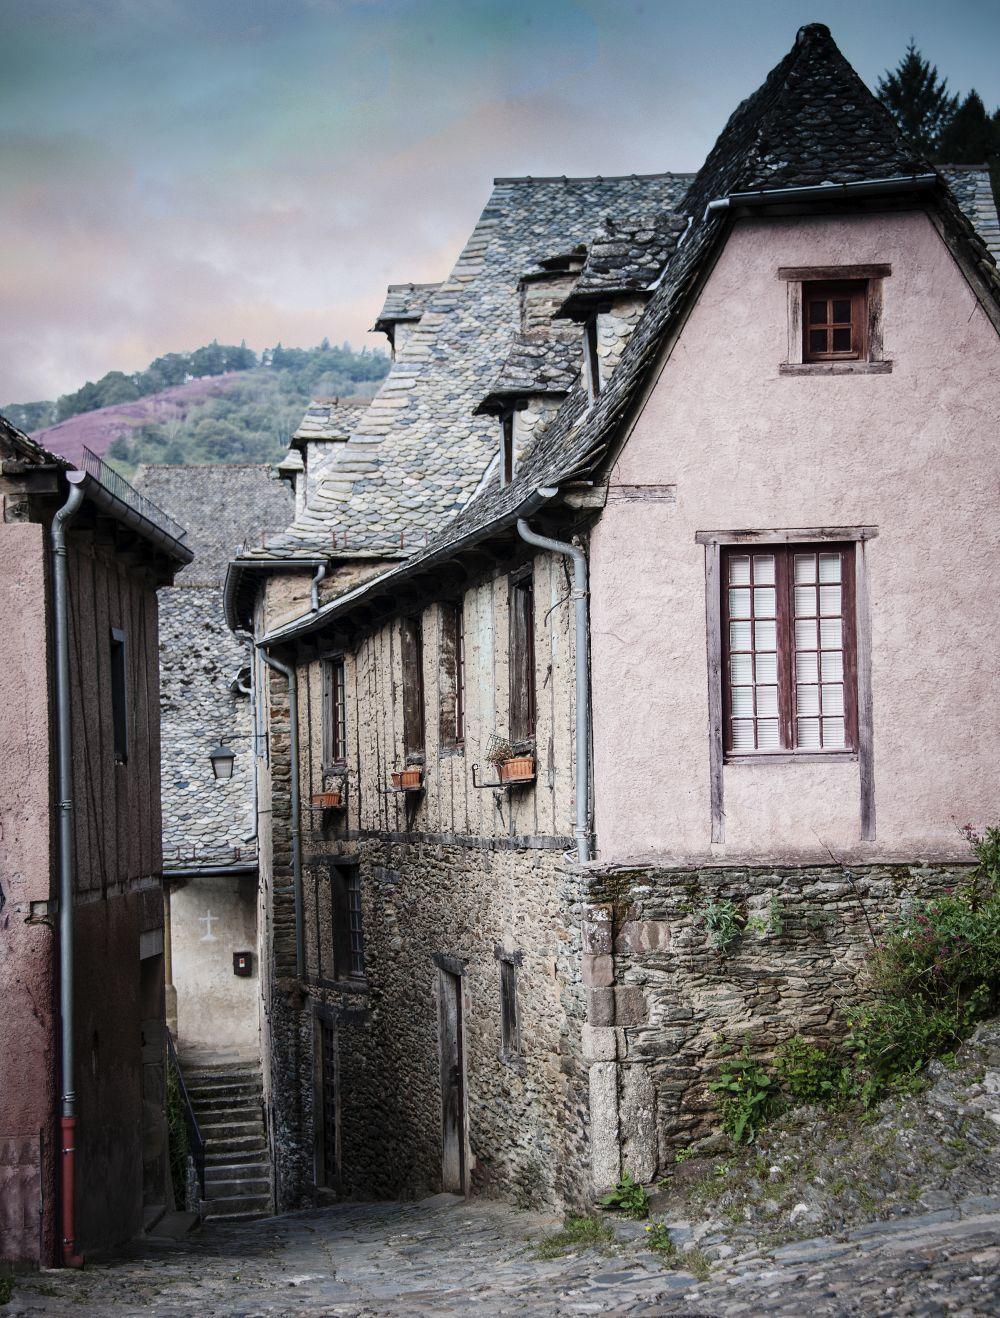 Déjate conquistar por la belleza de los pueblecitos de Aveyron.